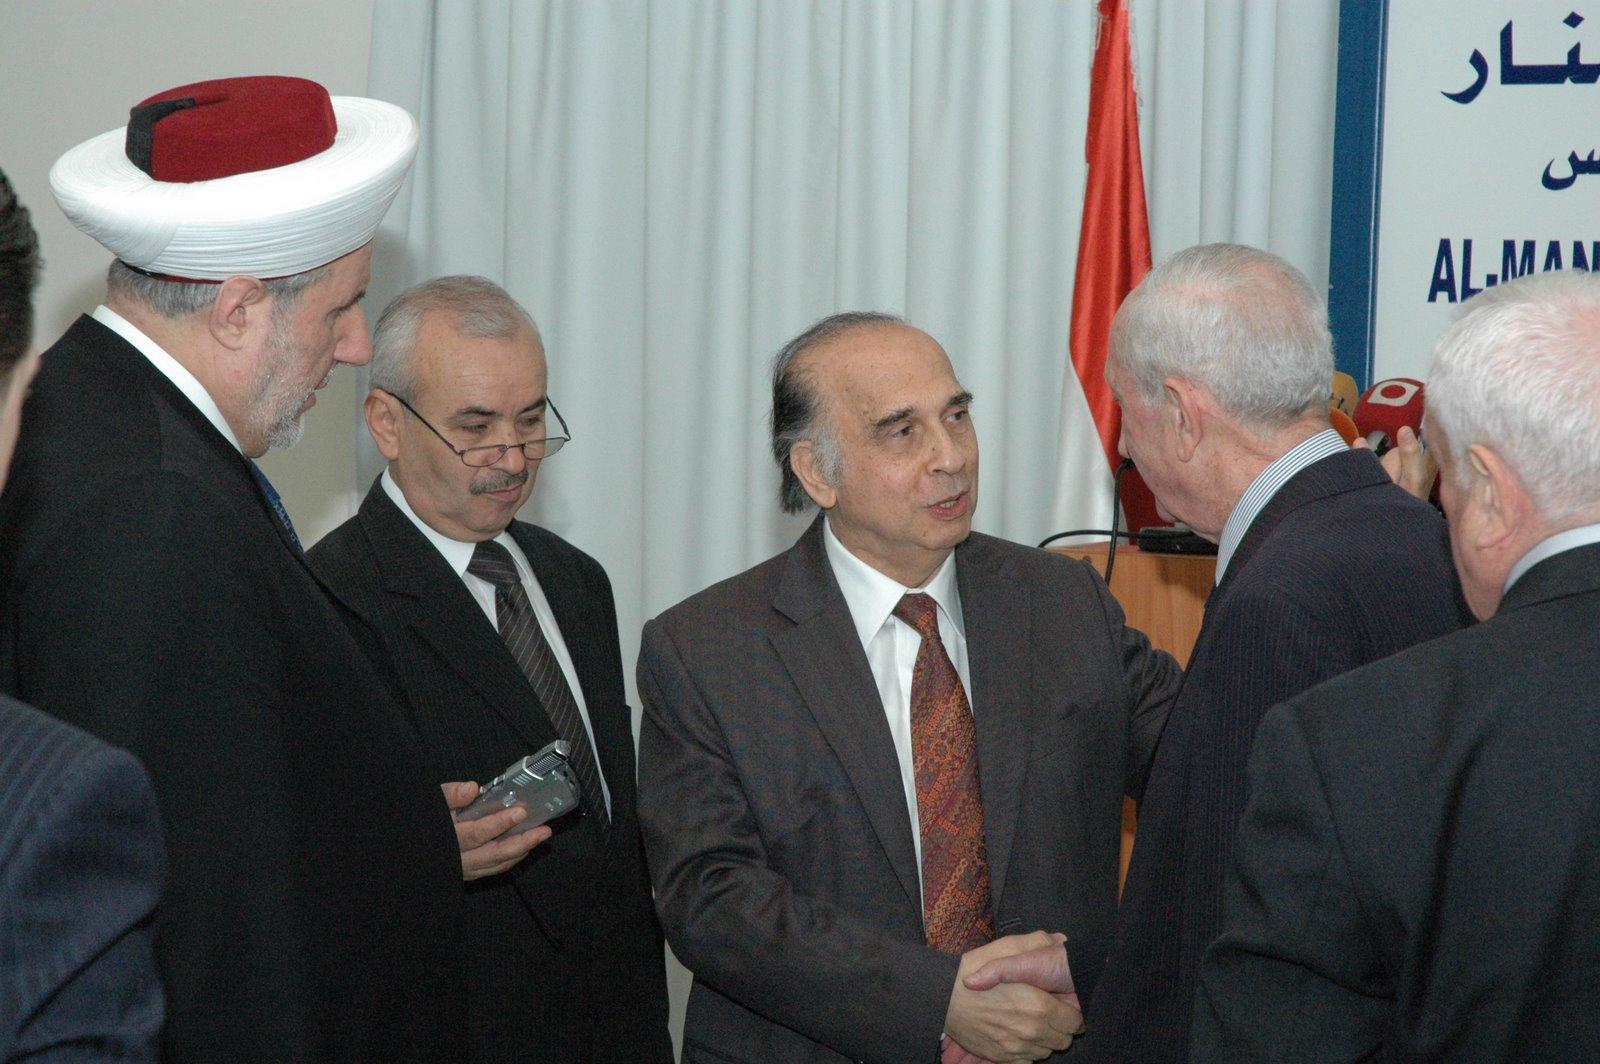 [KARAMI+(H.E.+Prime+Minister+Omar+Karami)+081.jpg]